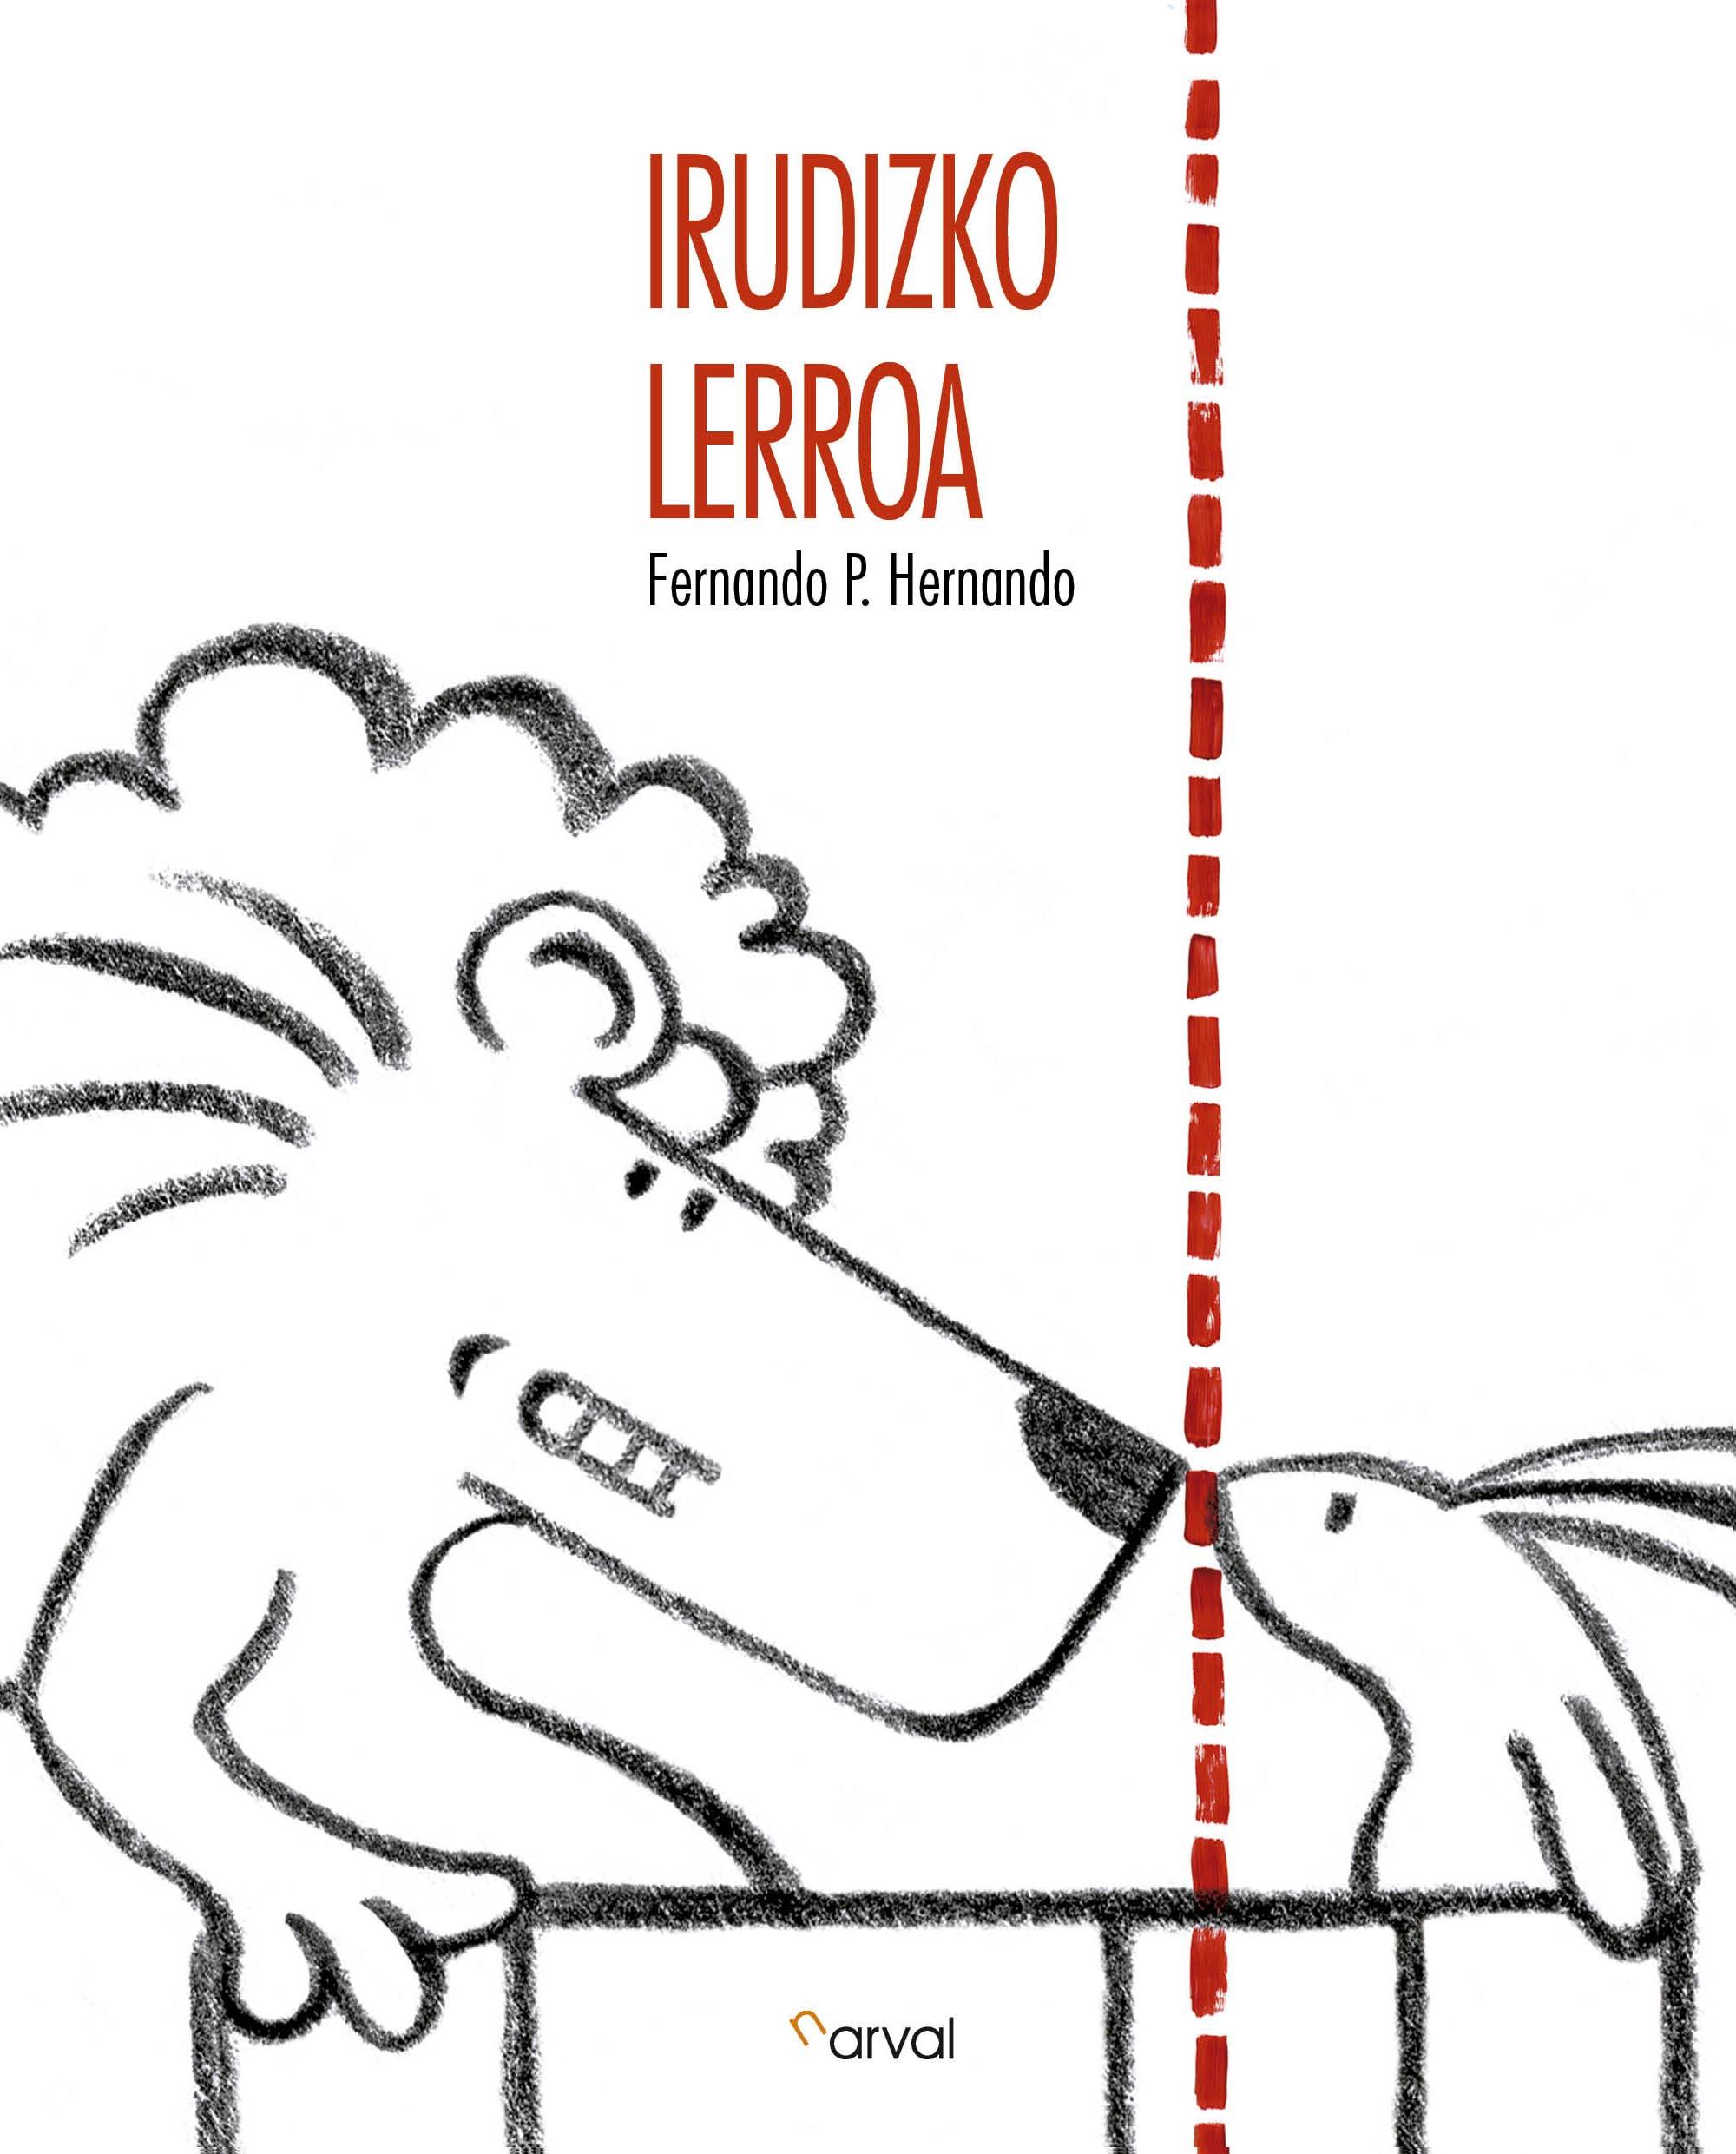 Irudizko Lerroa